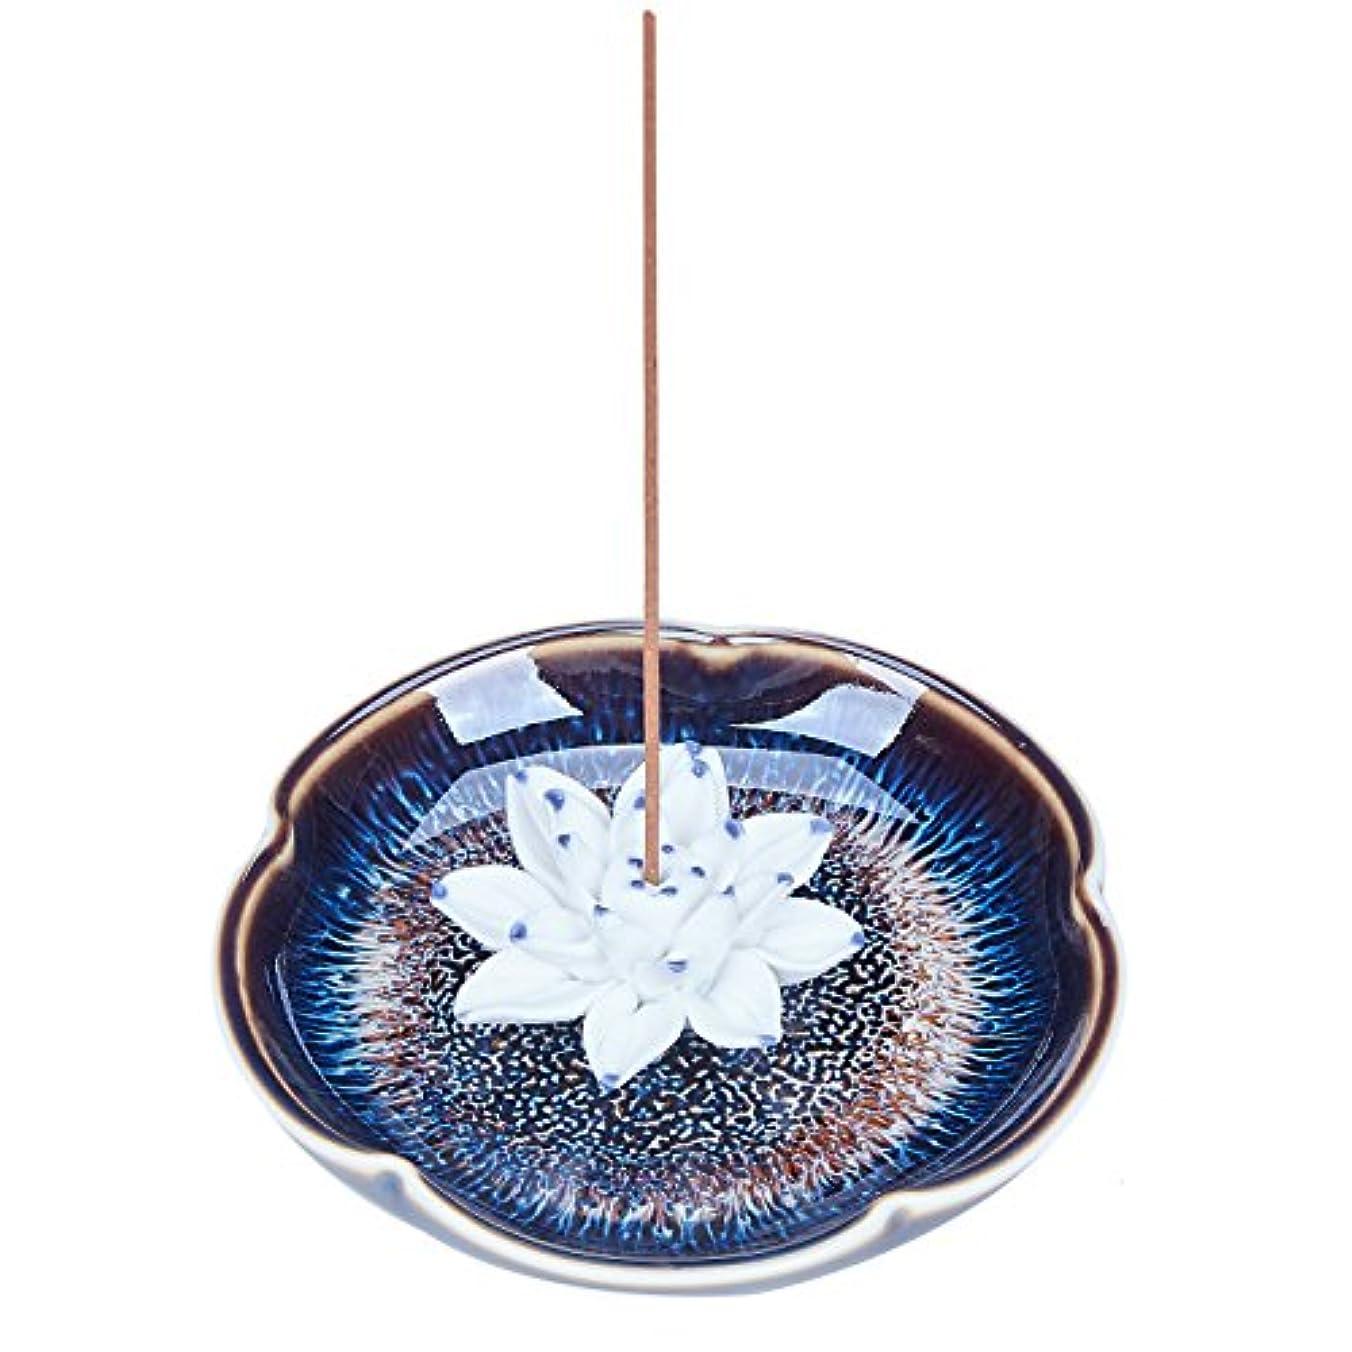 考古学不規則な高度UOON Incense Stick Burner Holder - Handmade Ceramic Lotus Flower Incense Burner Bowl Ash Catcher Tray Plate (Lake...